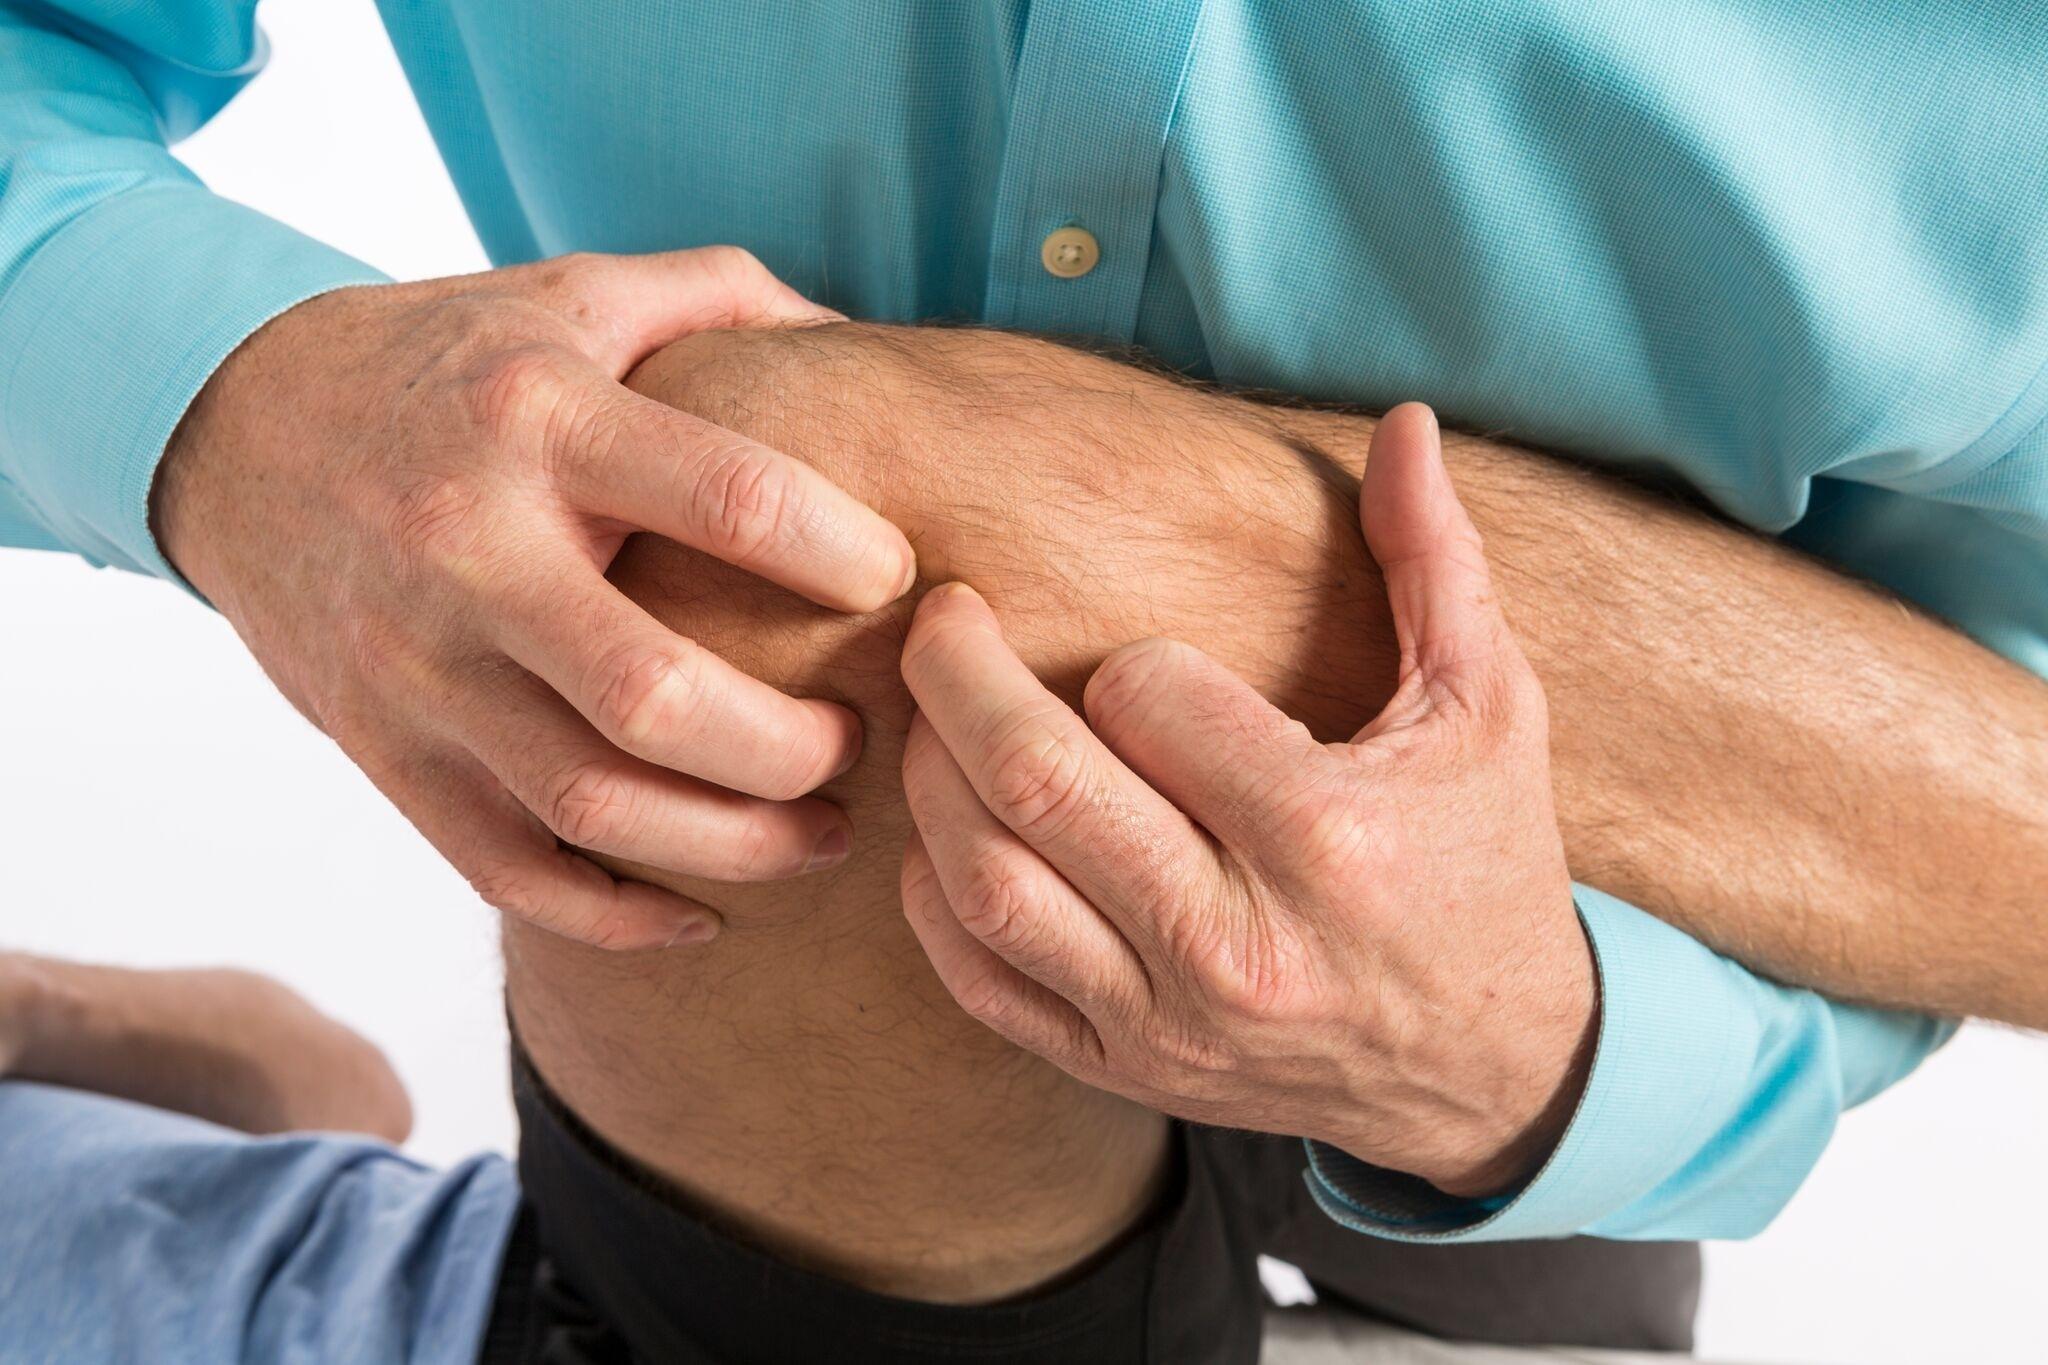 KJD: Knee Junction Dilemma